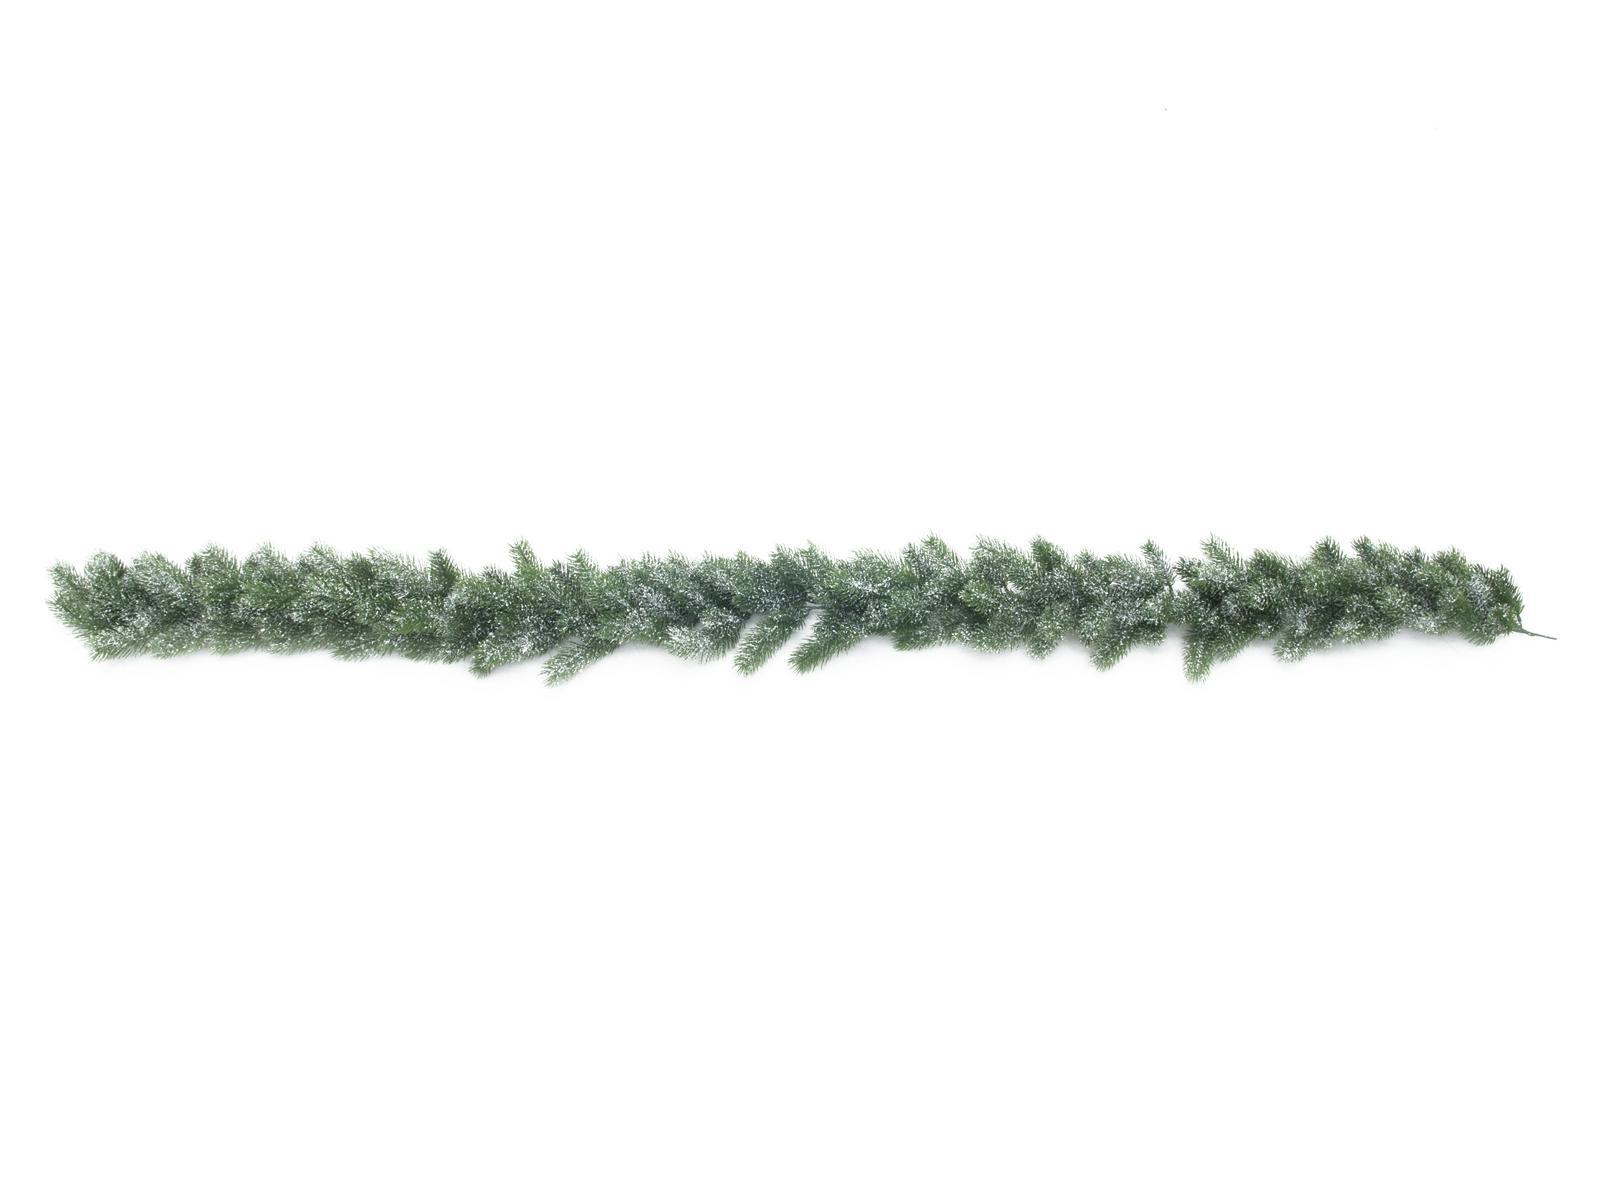 Jedlová girlanda zasněžená, PE, 180 cm